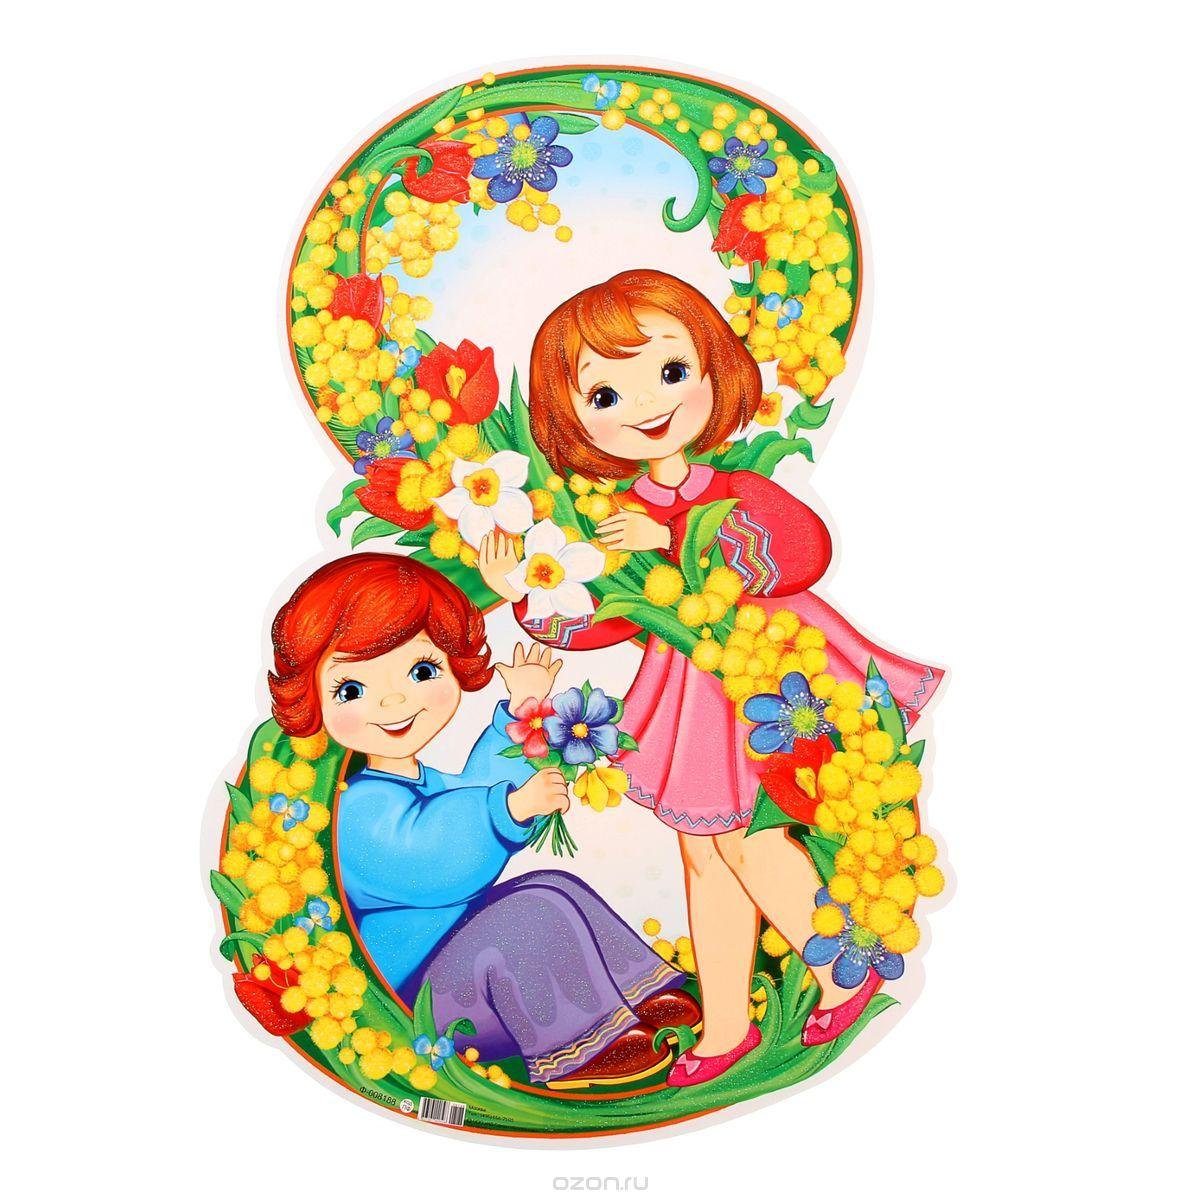 Картинки для детского сада 8 марта